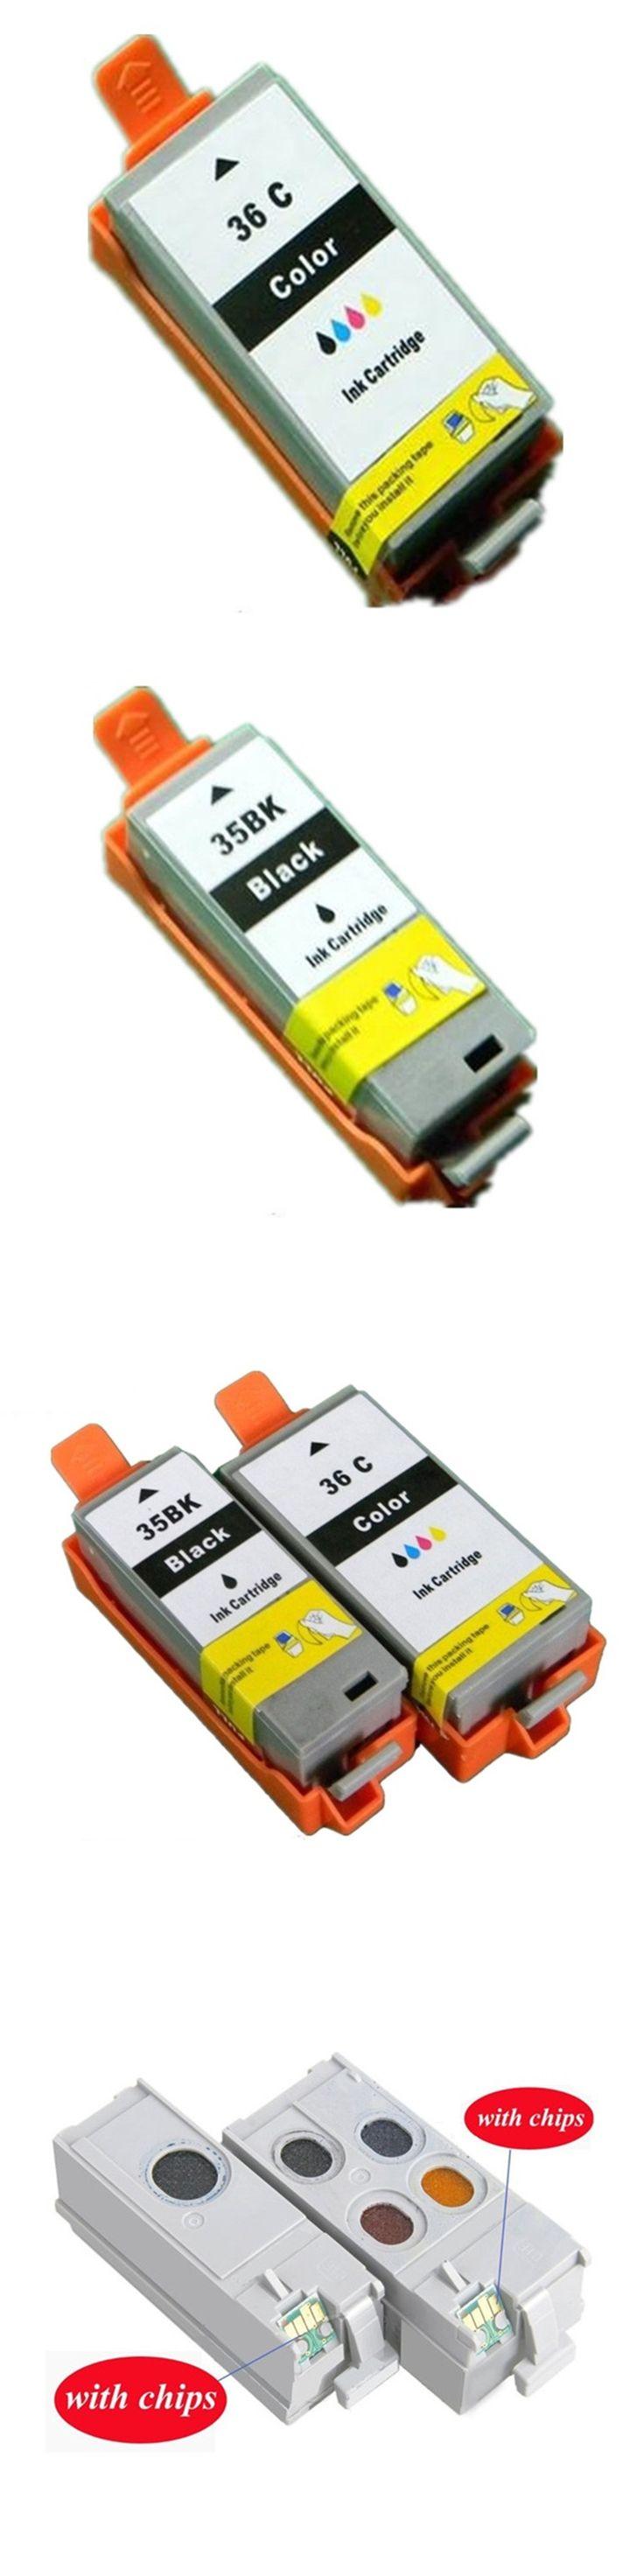 PGI-35 PGI35 PGI-35BK CLI-36C CLI-36 PGI 35 CLI 36 Ink Cartridges For Canon Pixma IP100B IP100 IP100 mini 260 320 Inkjet Printer